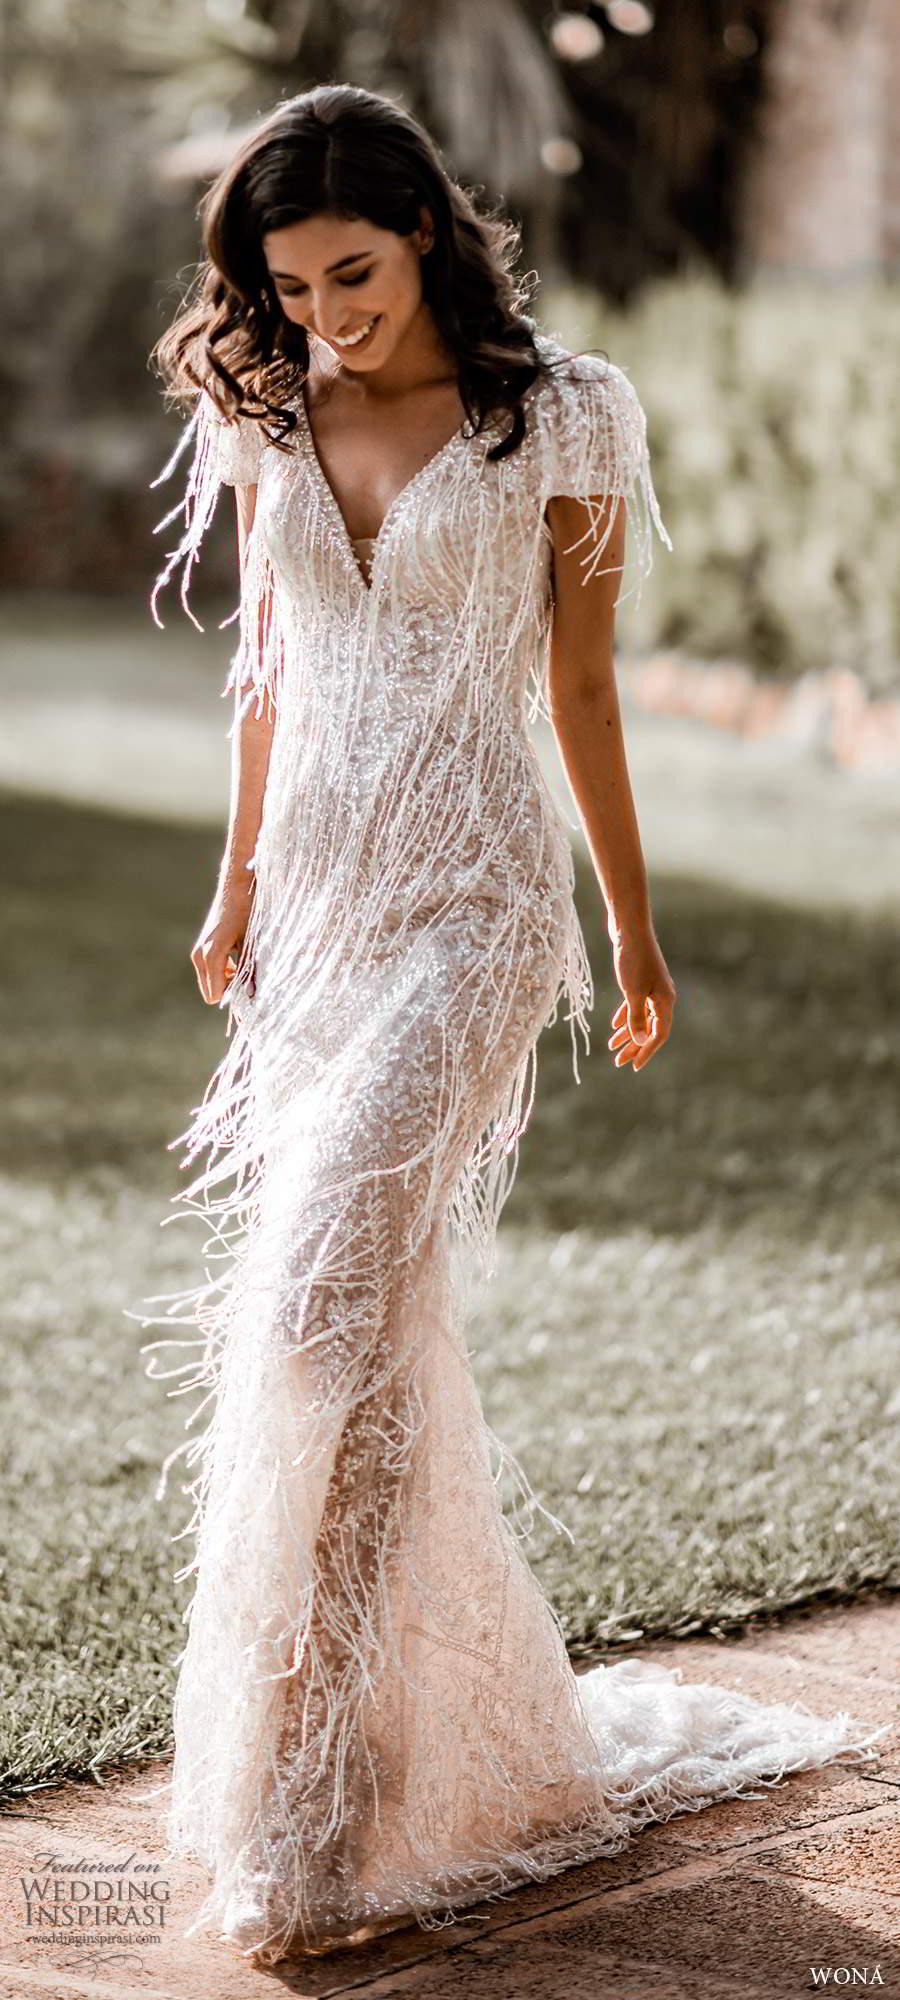 wona fall 2020 bridal short sleeves v neckline fully embellished beaded fringe sheath wedding dress low scoop back chapel train (7) mv